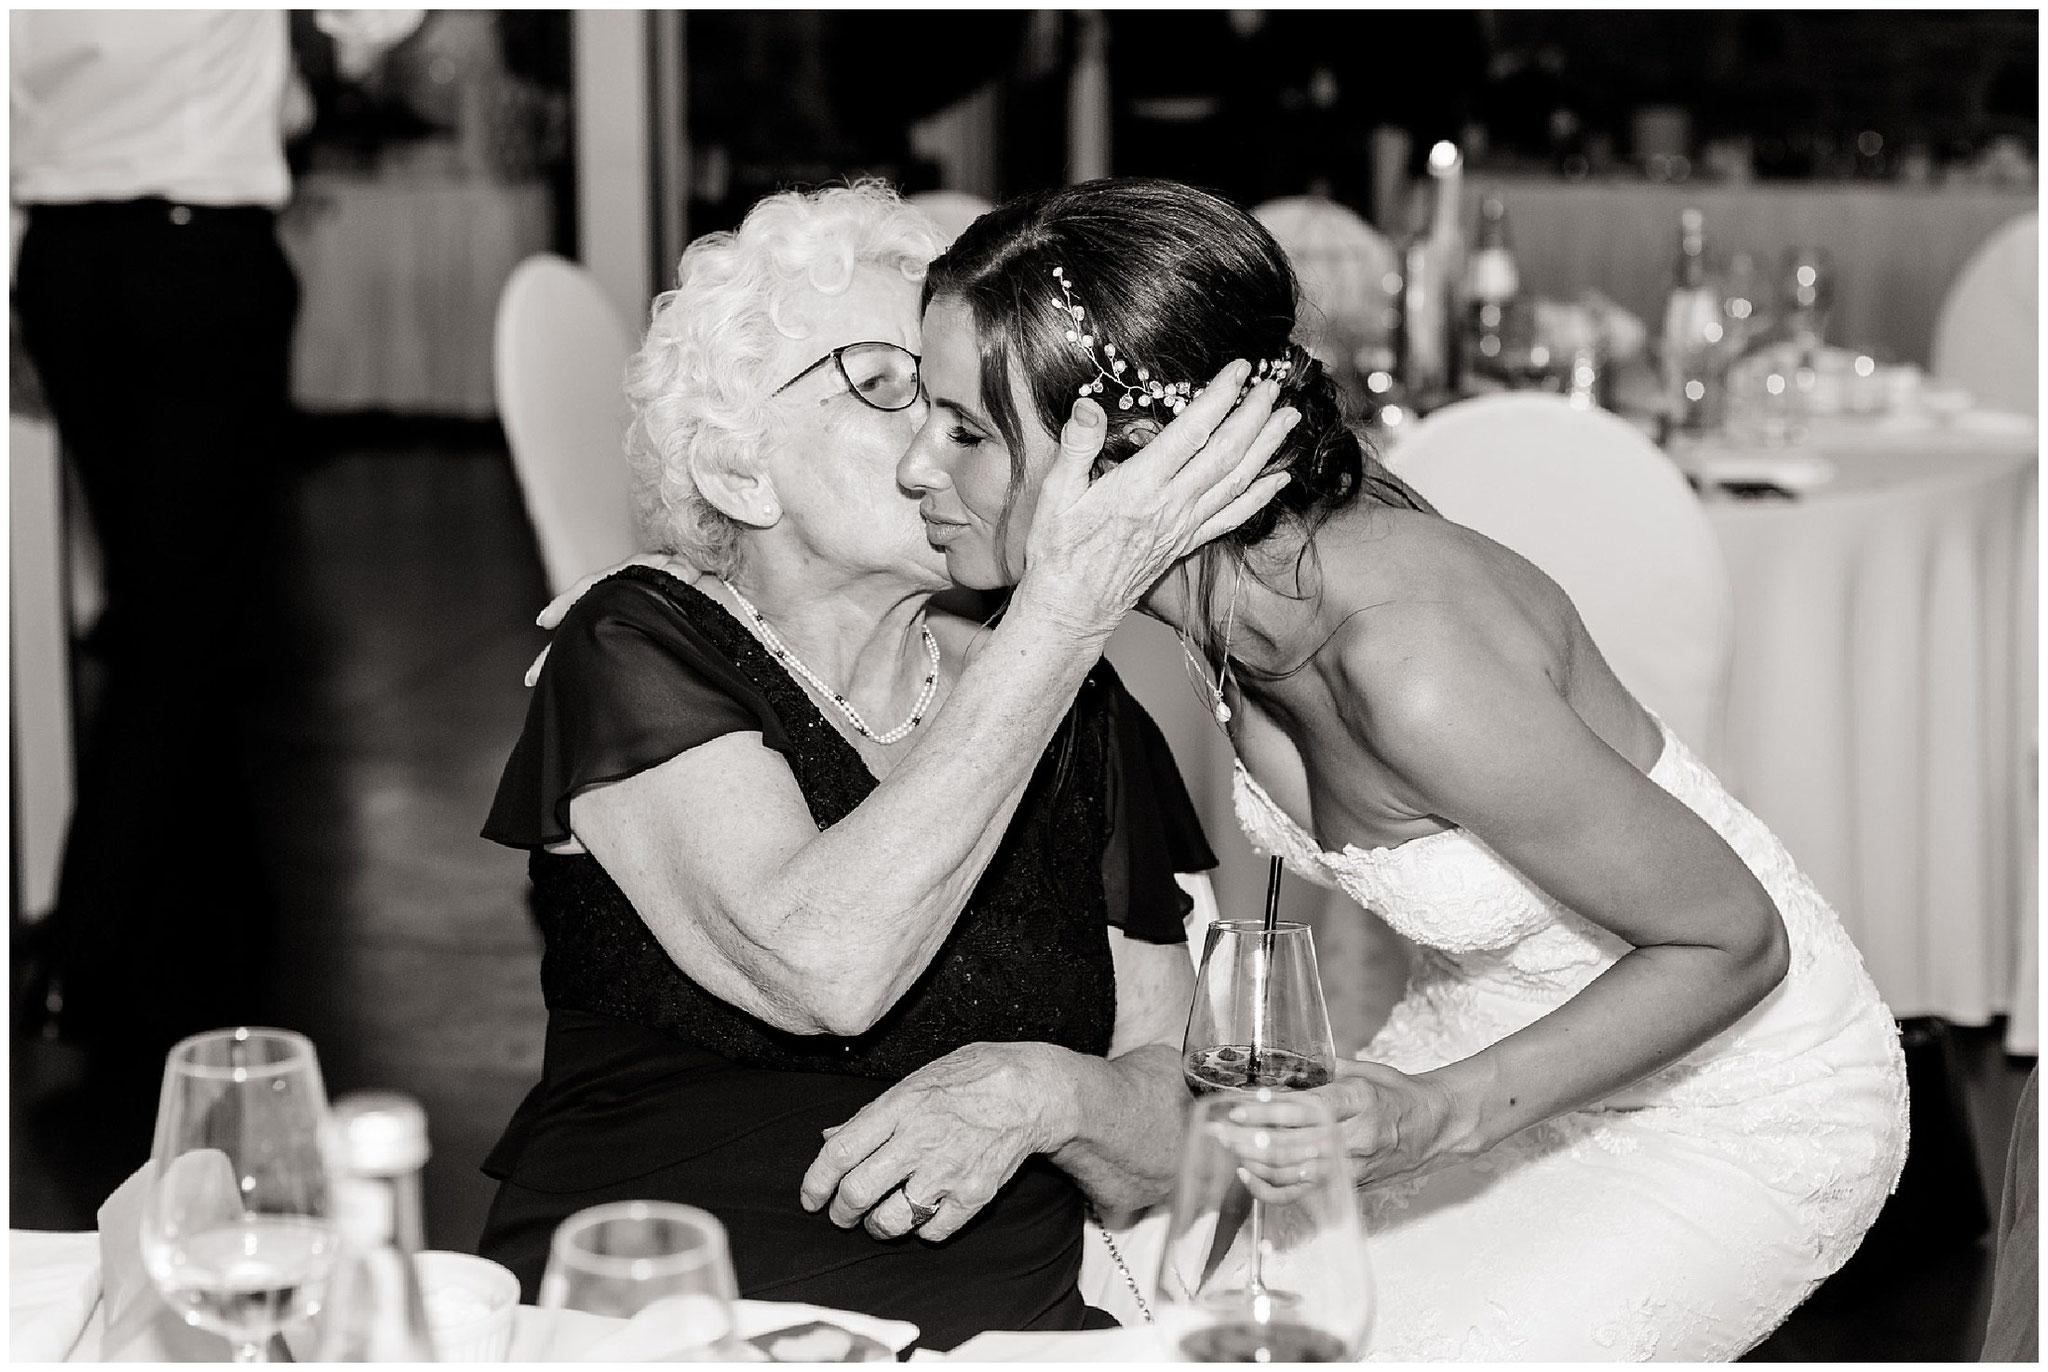 Oma küsst braut hochzeitsfotograf Engelskirchen industrial chic hochzeit fine art wedding Galerie Hammerwerk jane weber